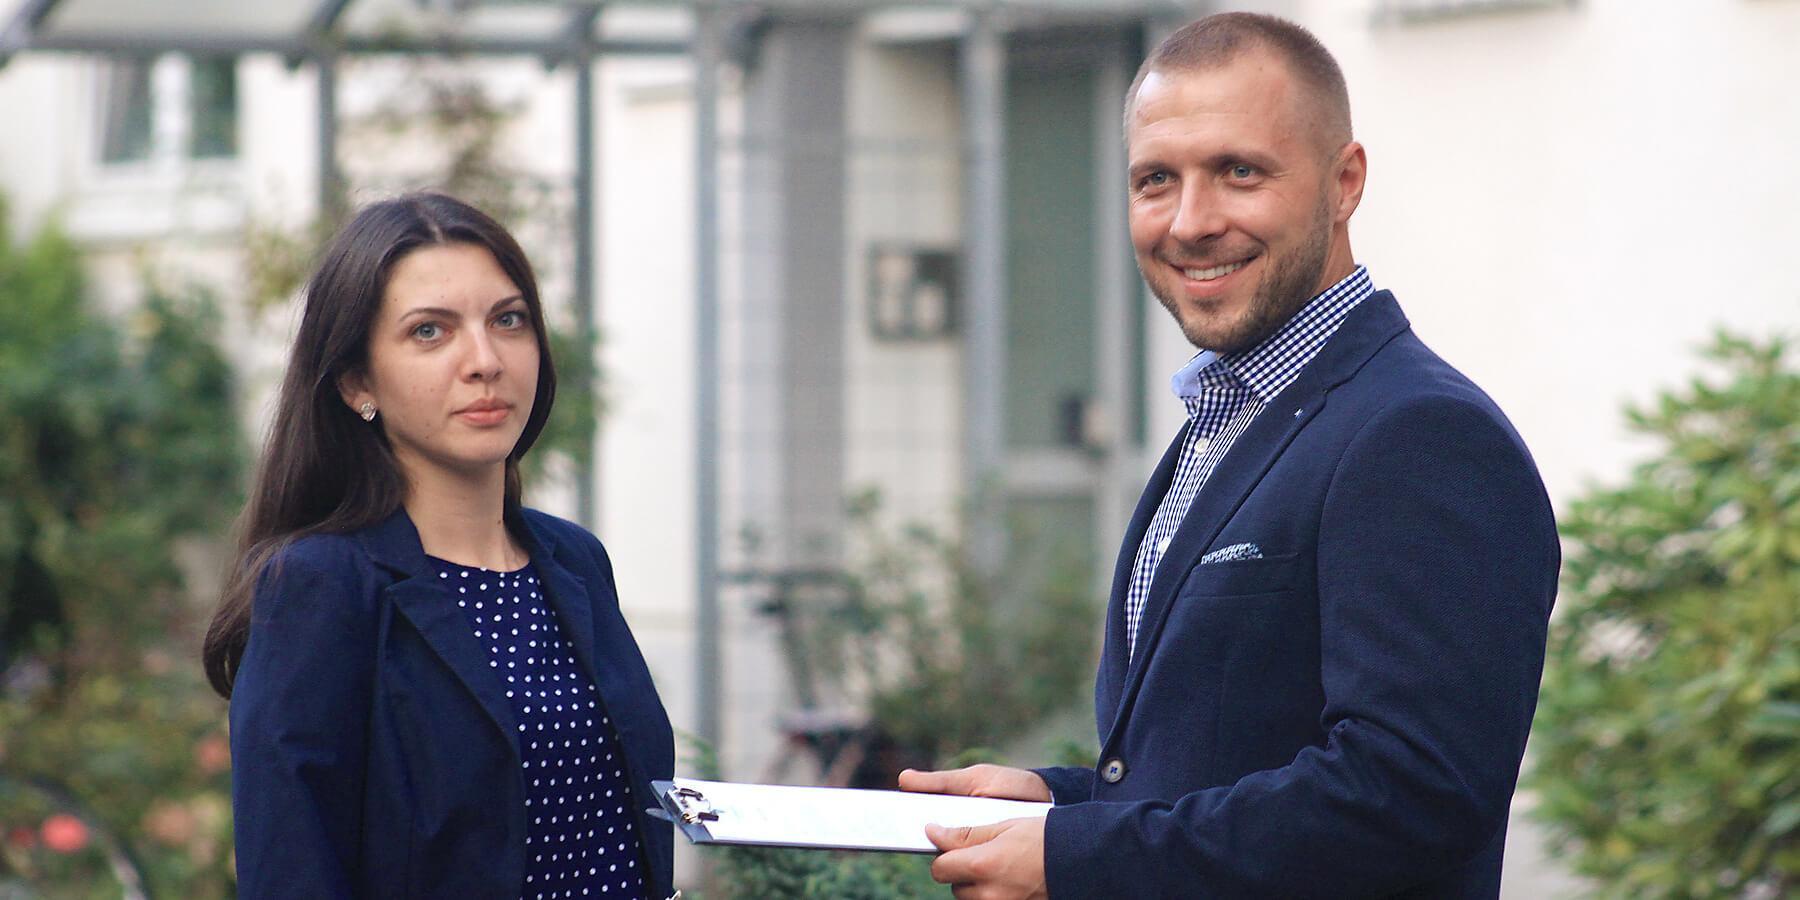 Preisverhandlungen beim Immobilenkauf